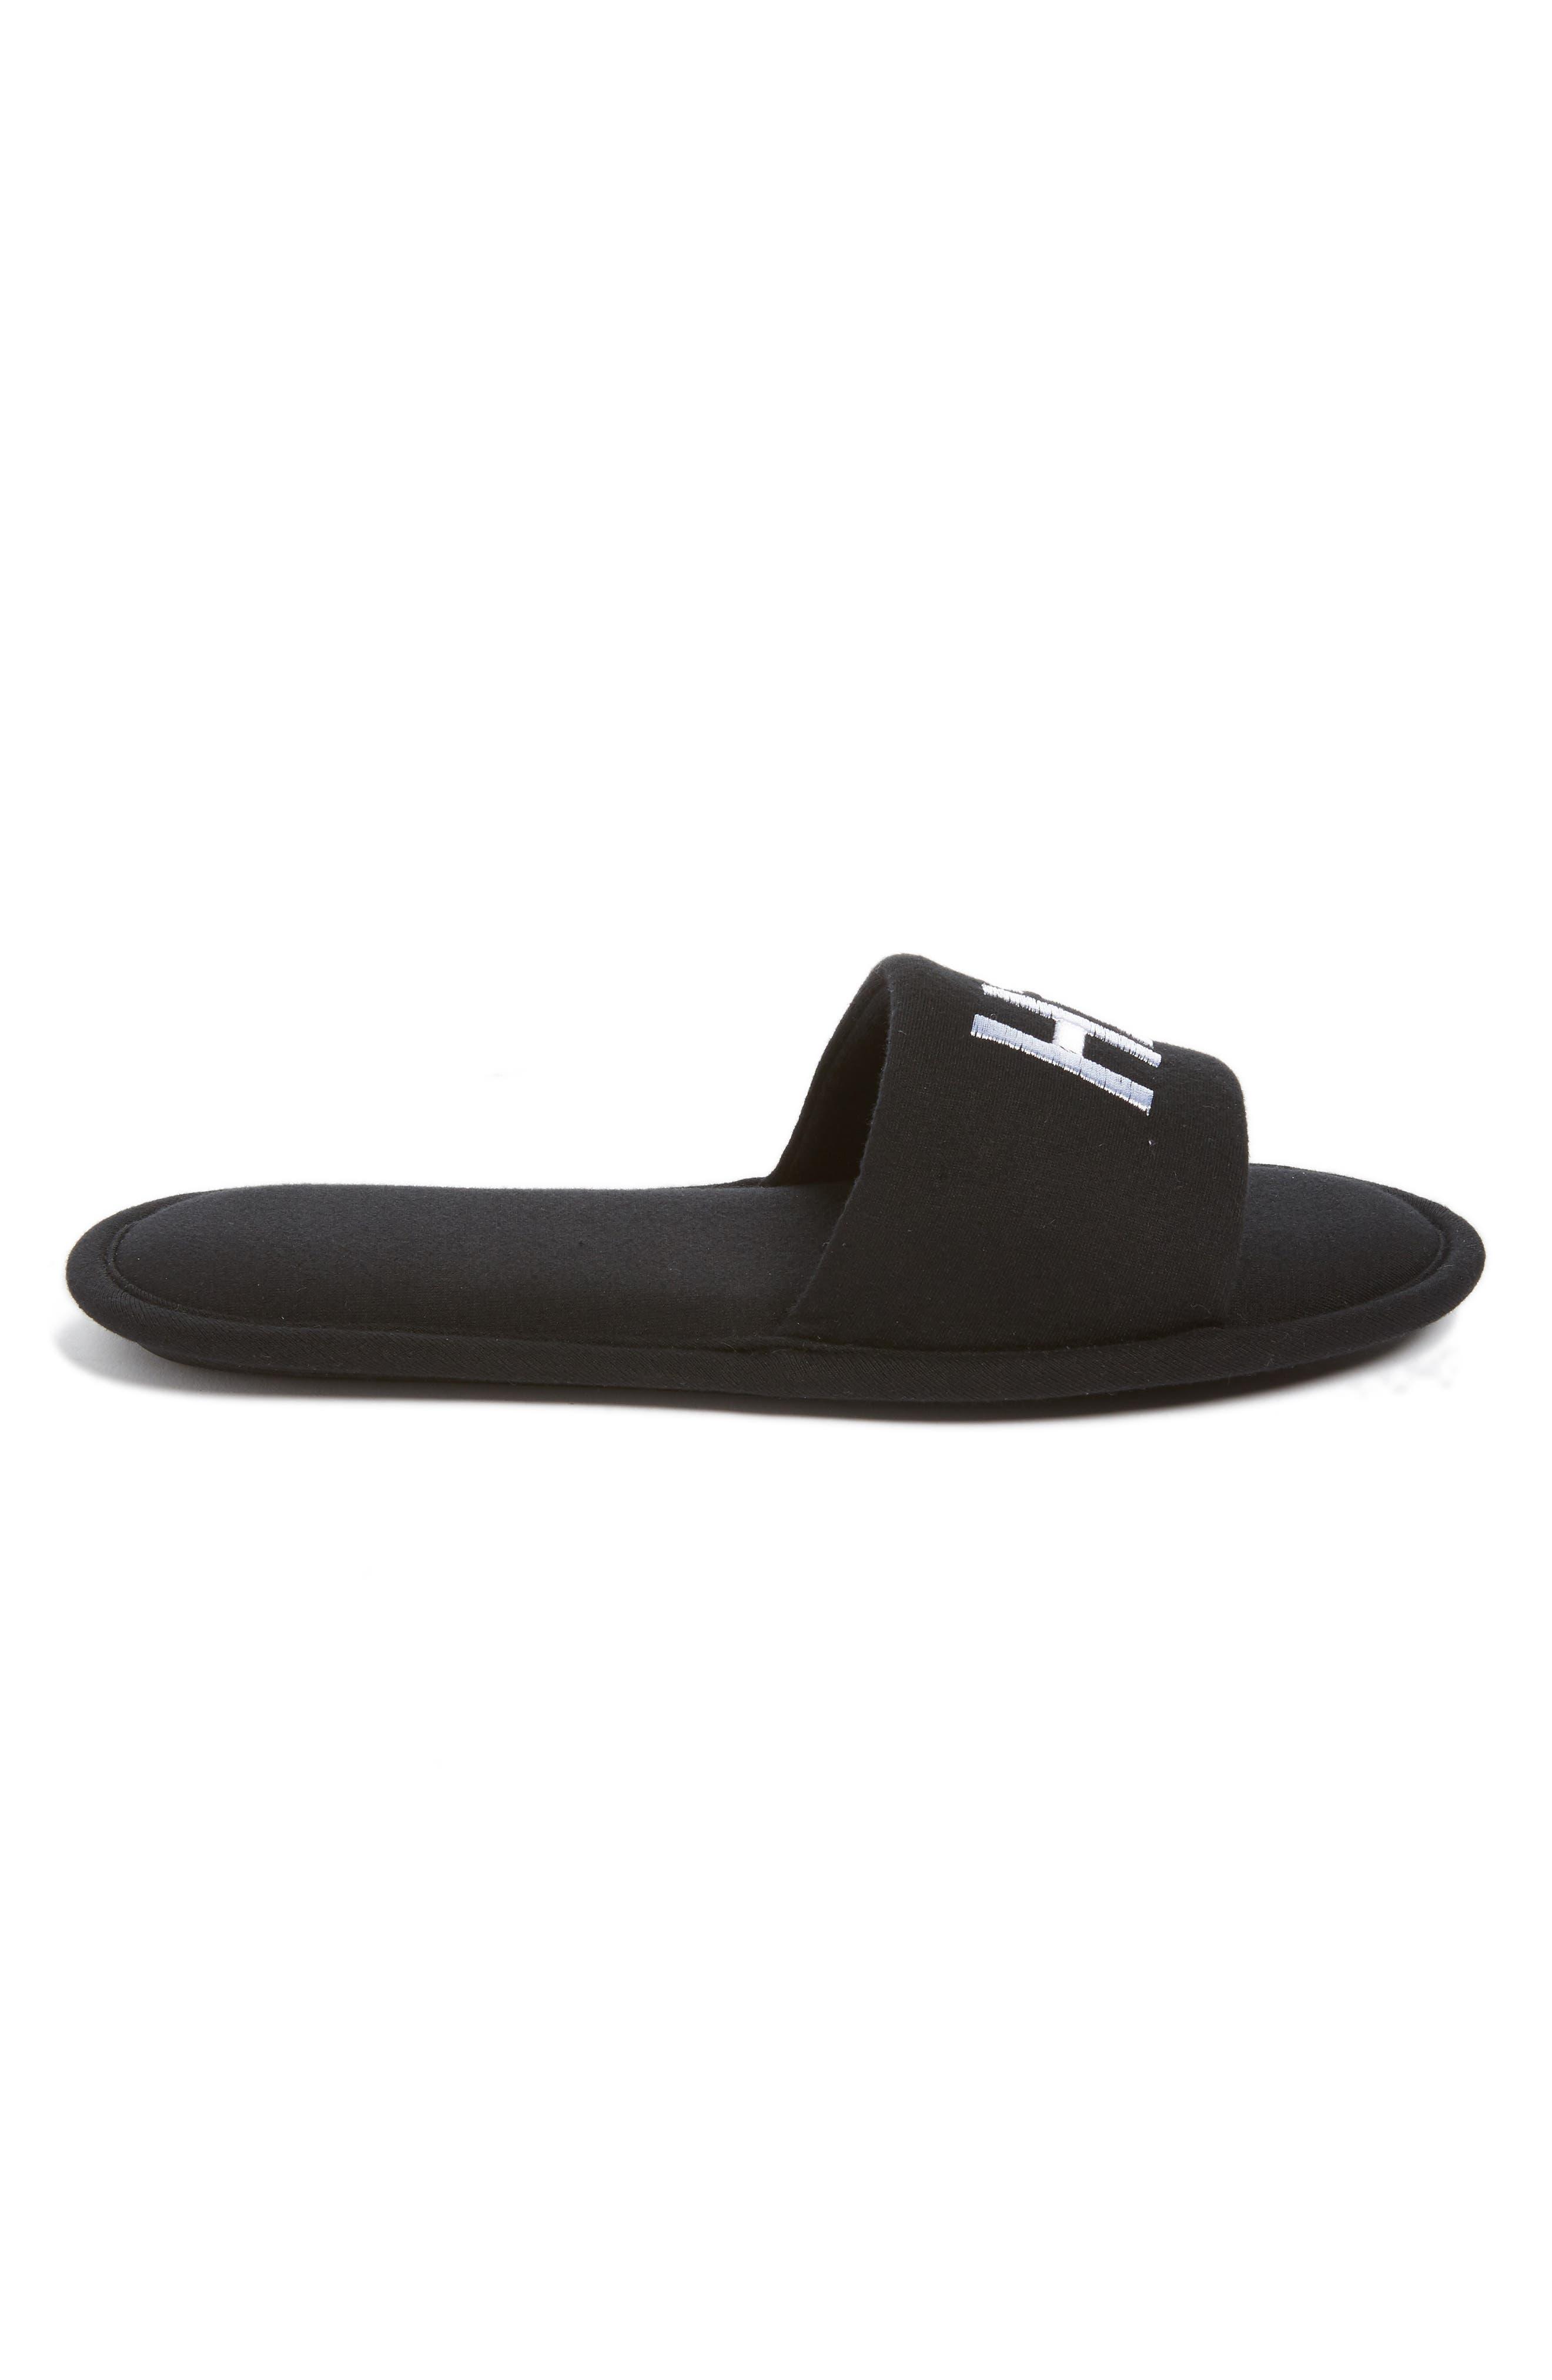 Hi & Bye Slide Slippers,                             Alternate thumbnail 3, color,                             001